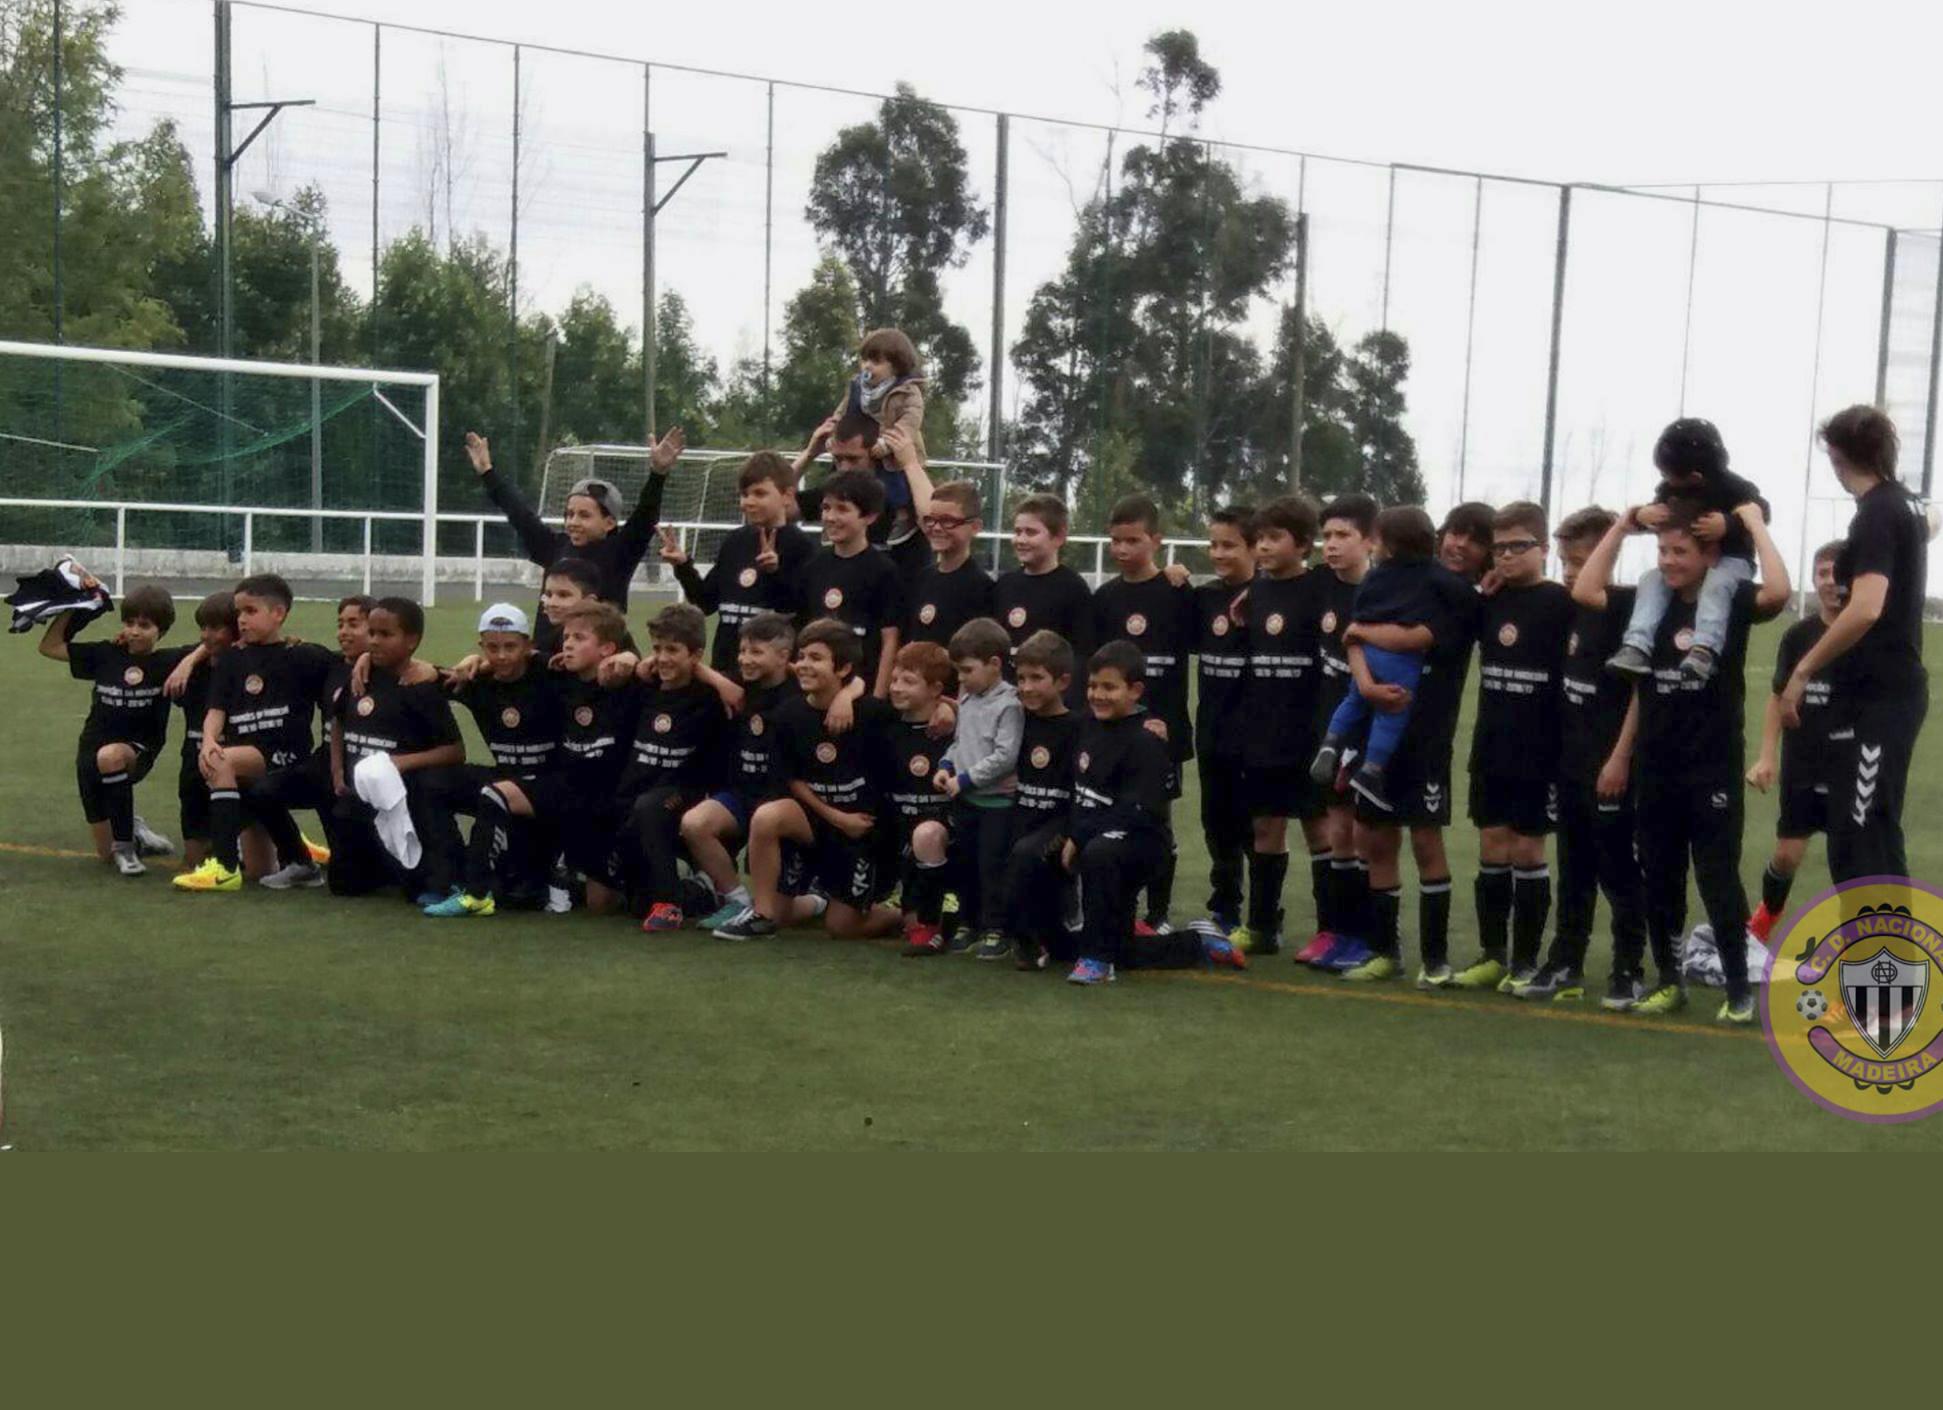 Feirense: Clube Desportivo Nacional Sub-10 Vencem Em Gaula E São